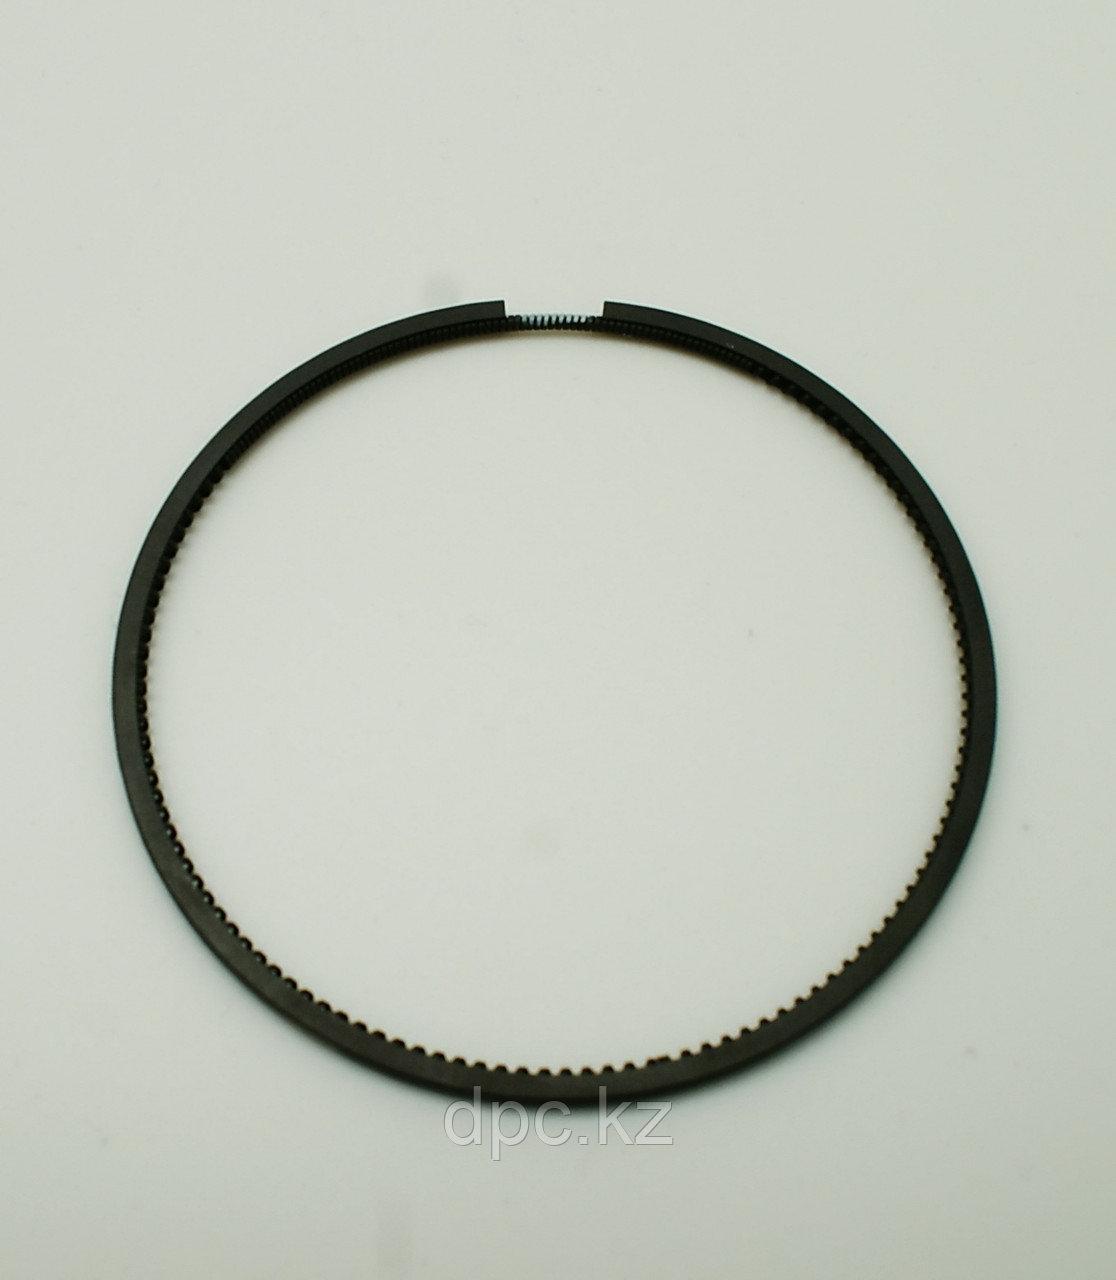 Маслосъемное поршневое кольцо двигателя Cummins ISF 2.8L 4976251